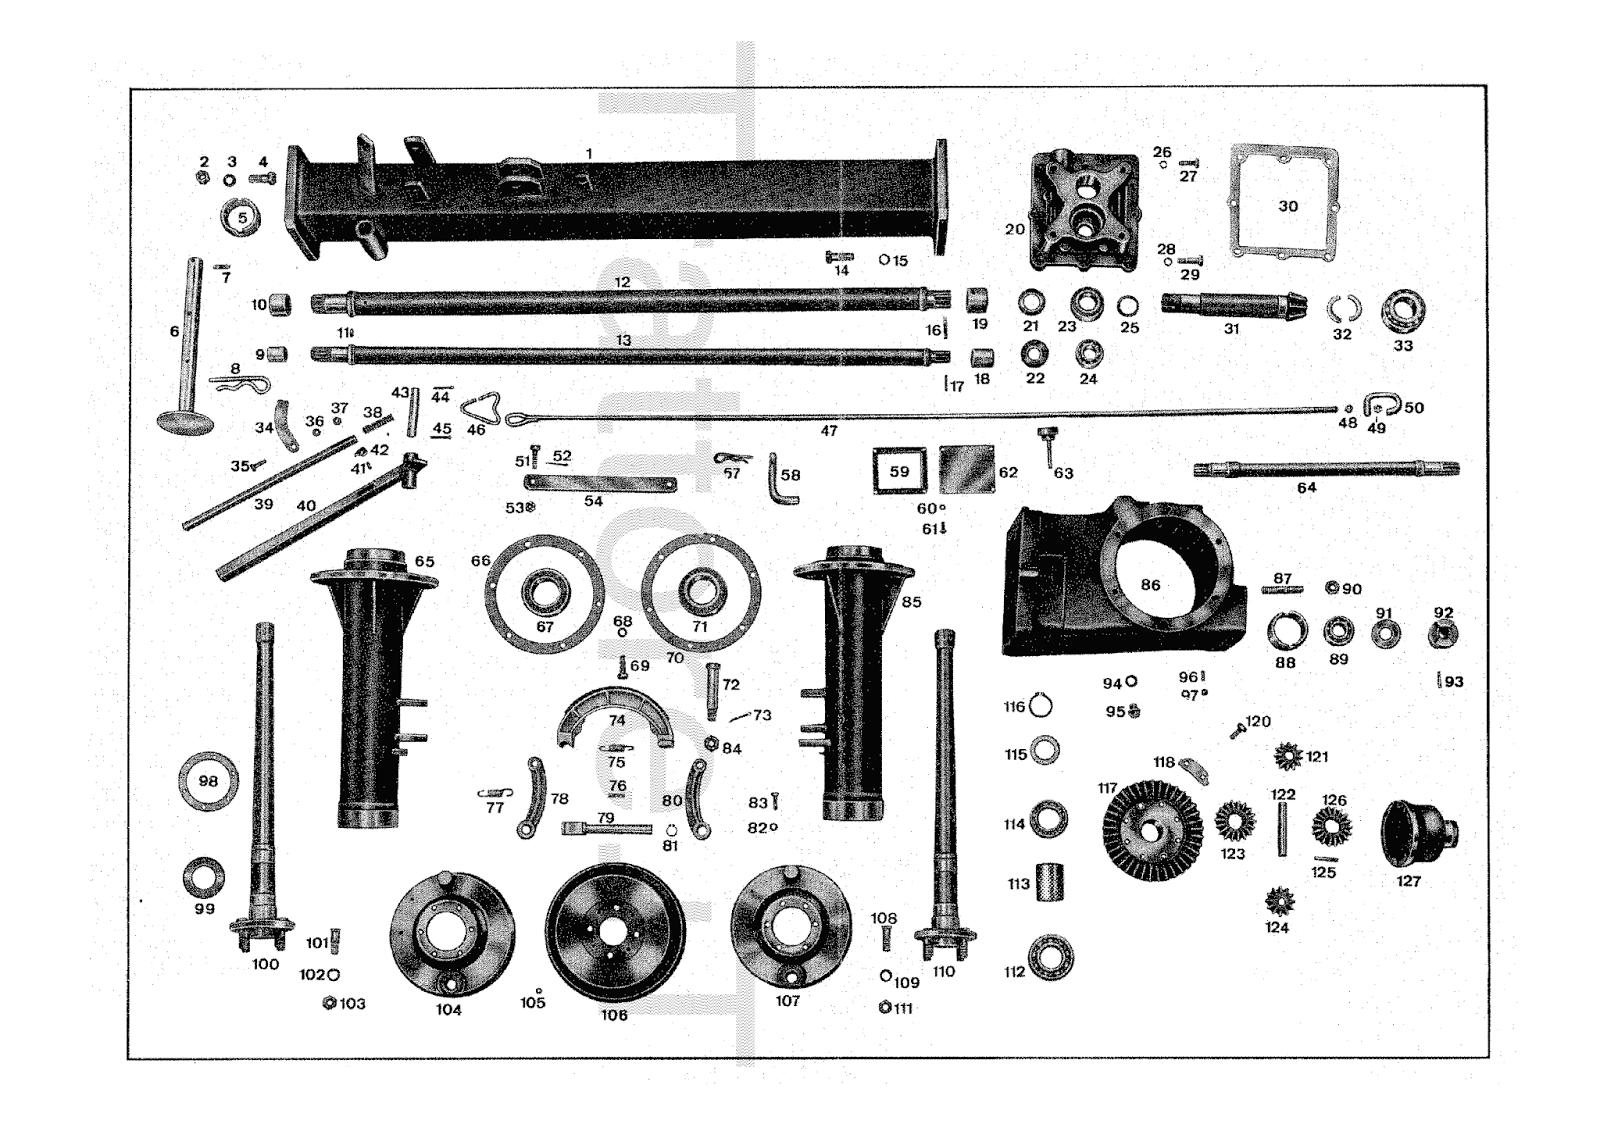 InfoTrattore.it: Carrello motore Pasquali 387 manuale